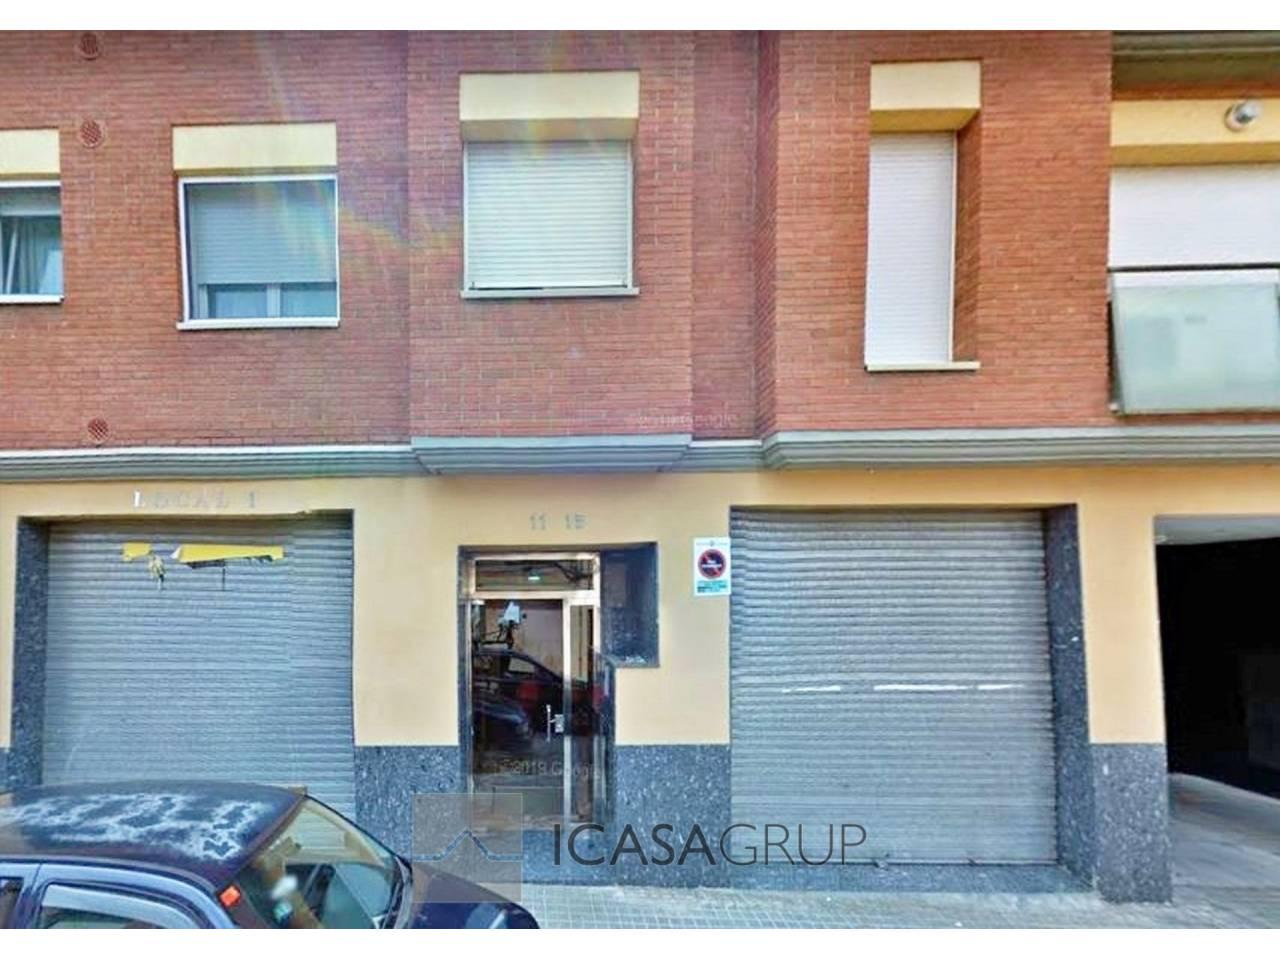 Local con acceso peatonal y escparate en Can Puiggener – Sabadell